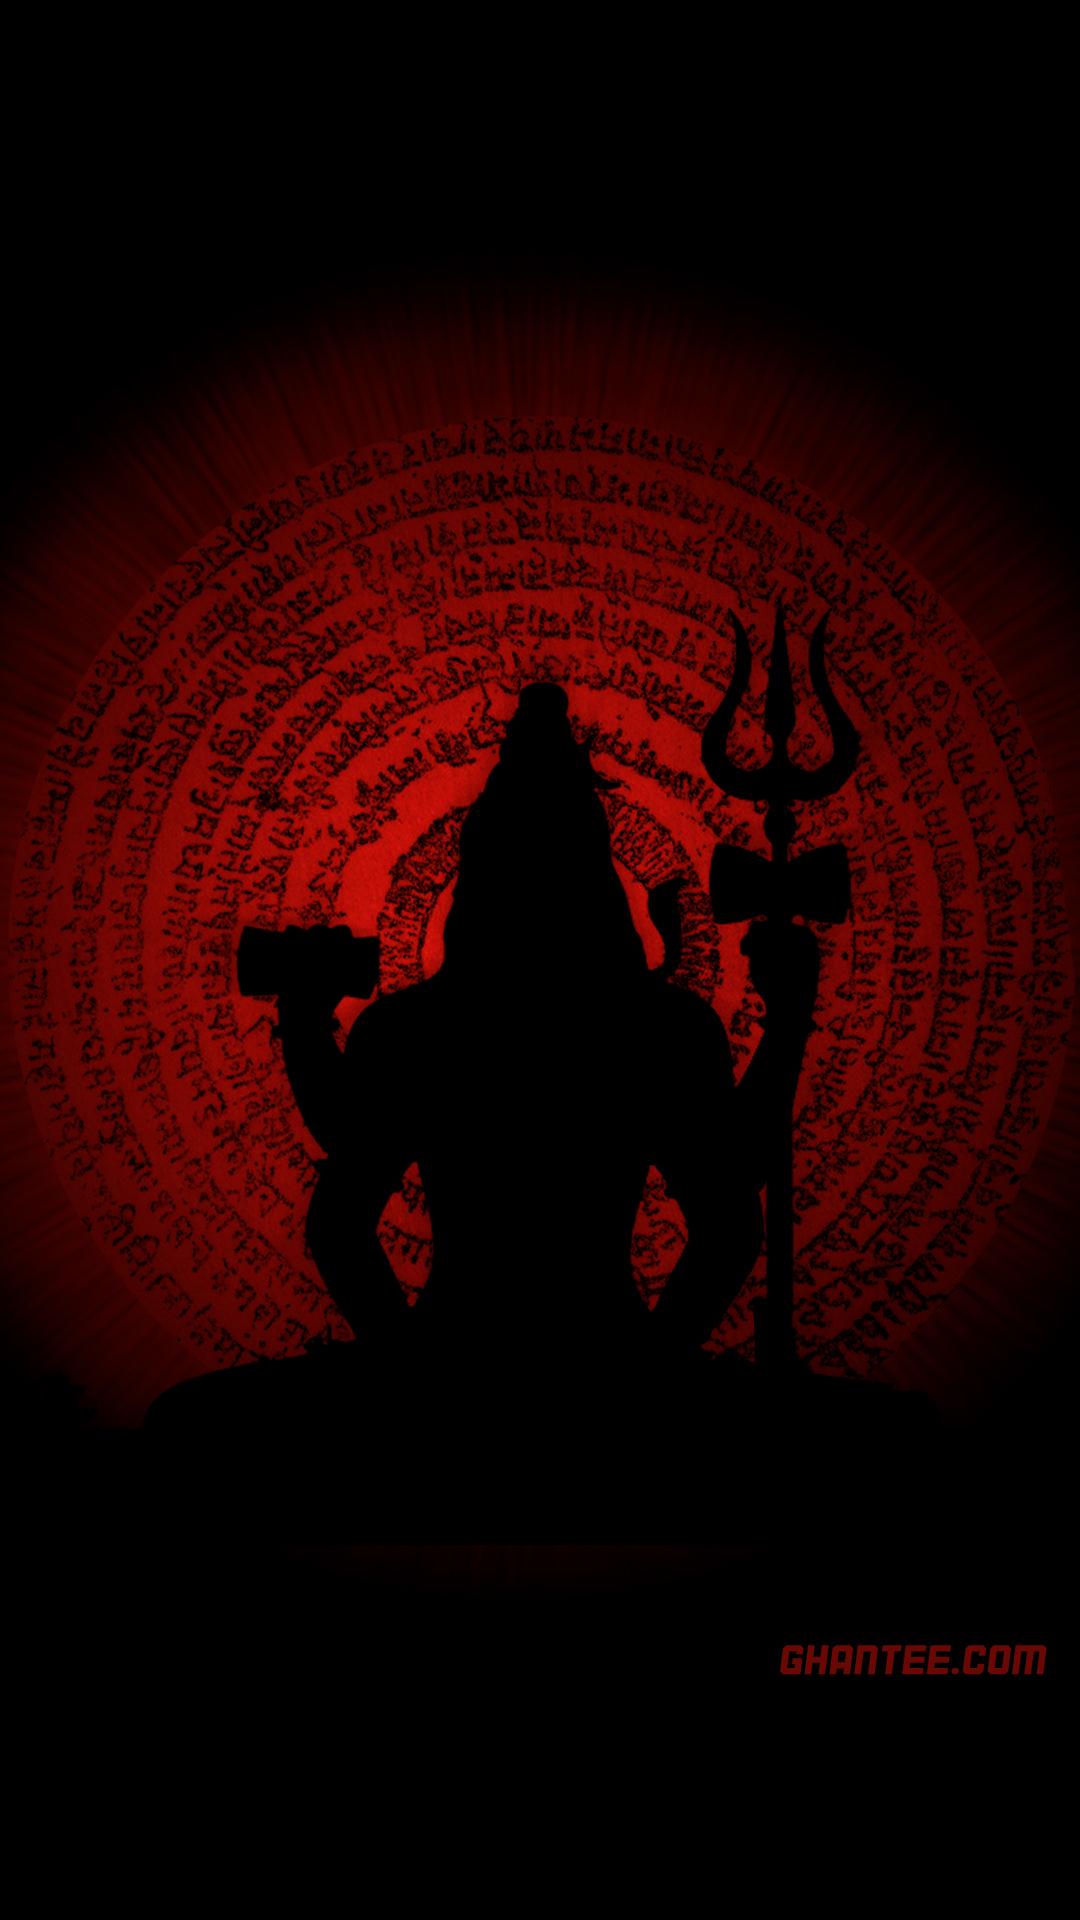 lord shiva chant wallpaper dark red HD